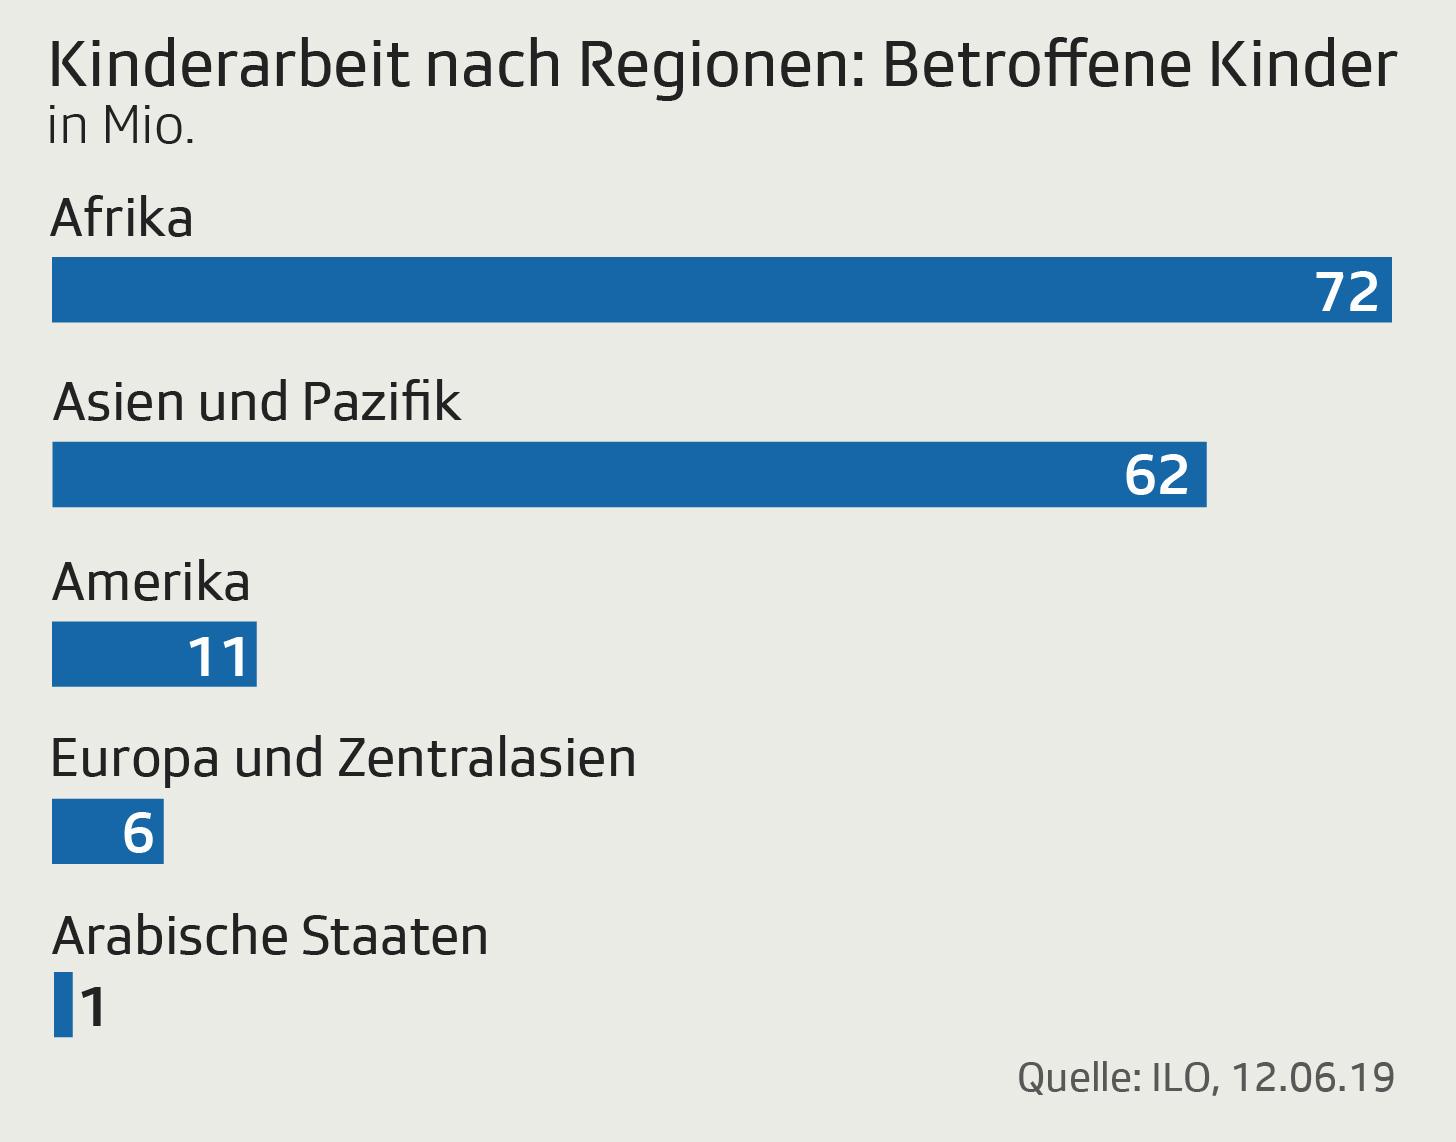 Grafik zeigt Anzahl von Kindern, die arbeiten müssen nach Region